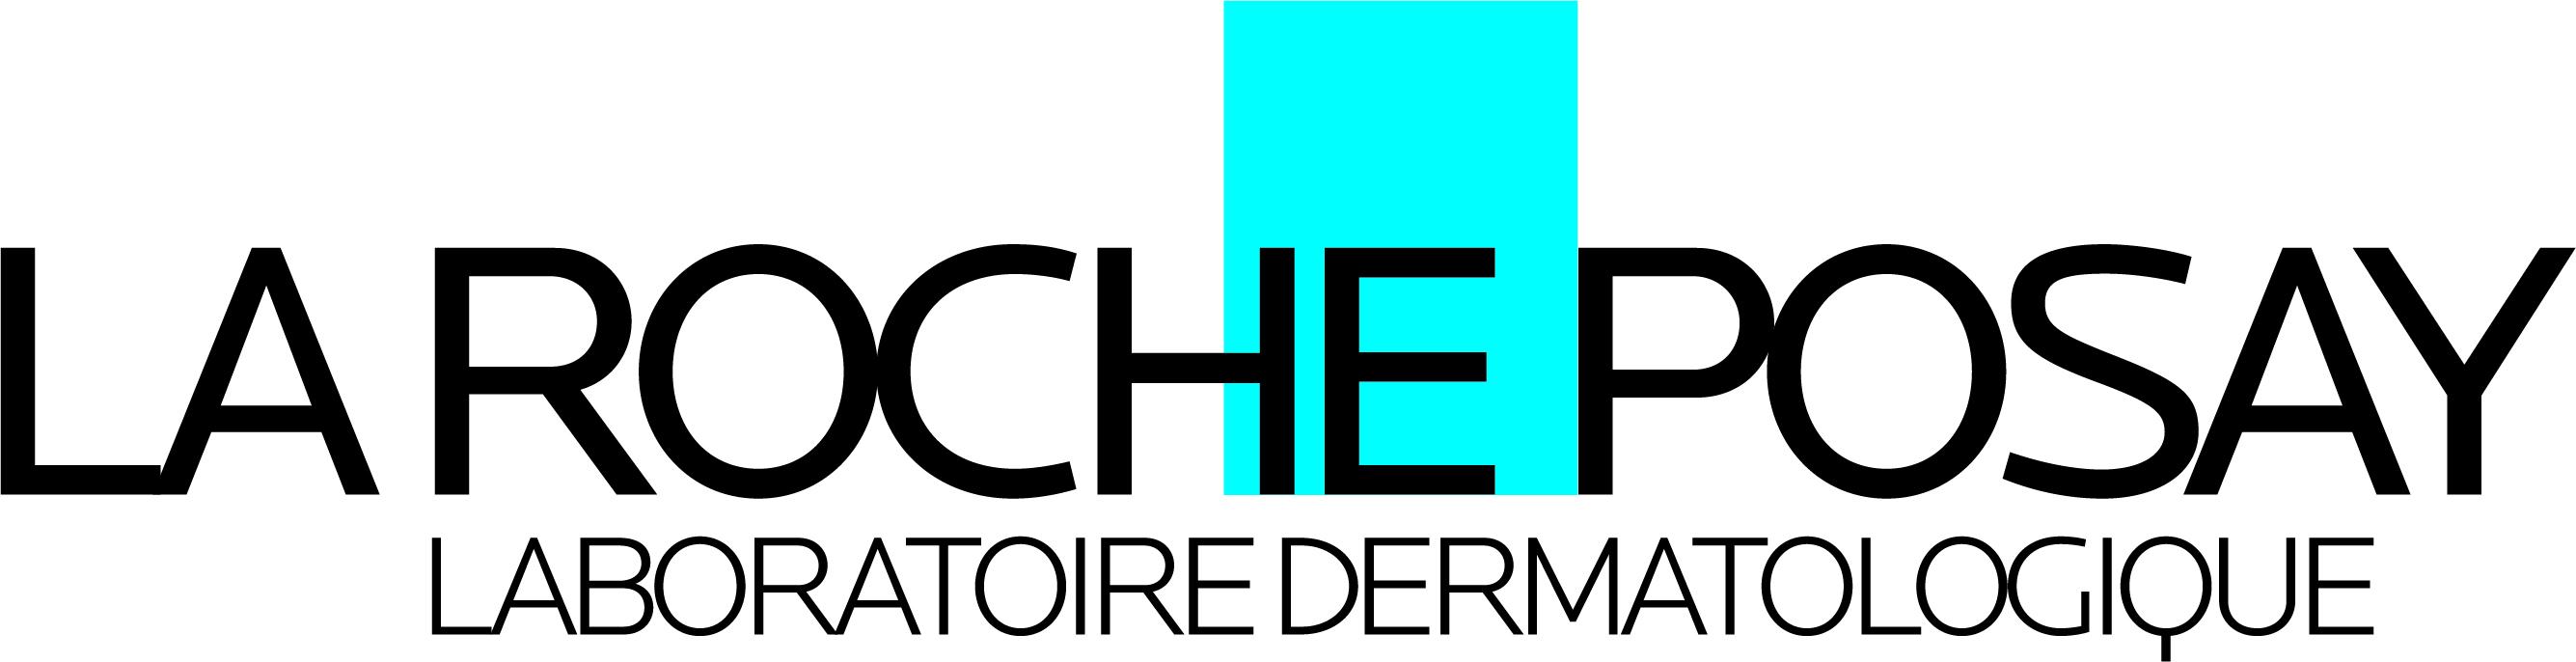 Laroche_Posay_Logo